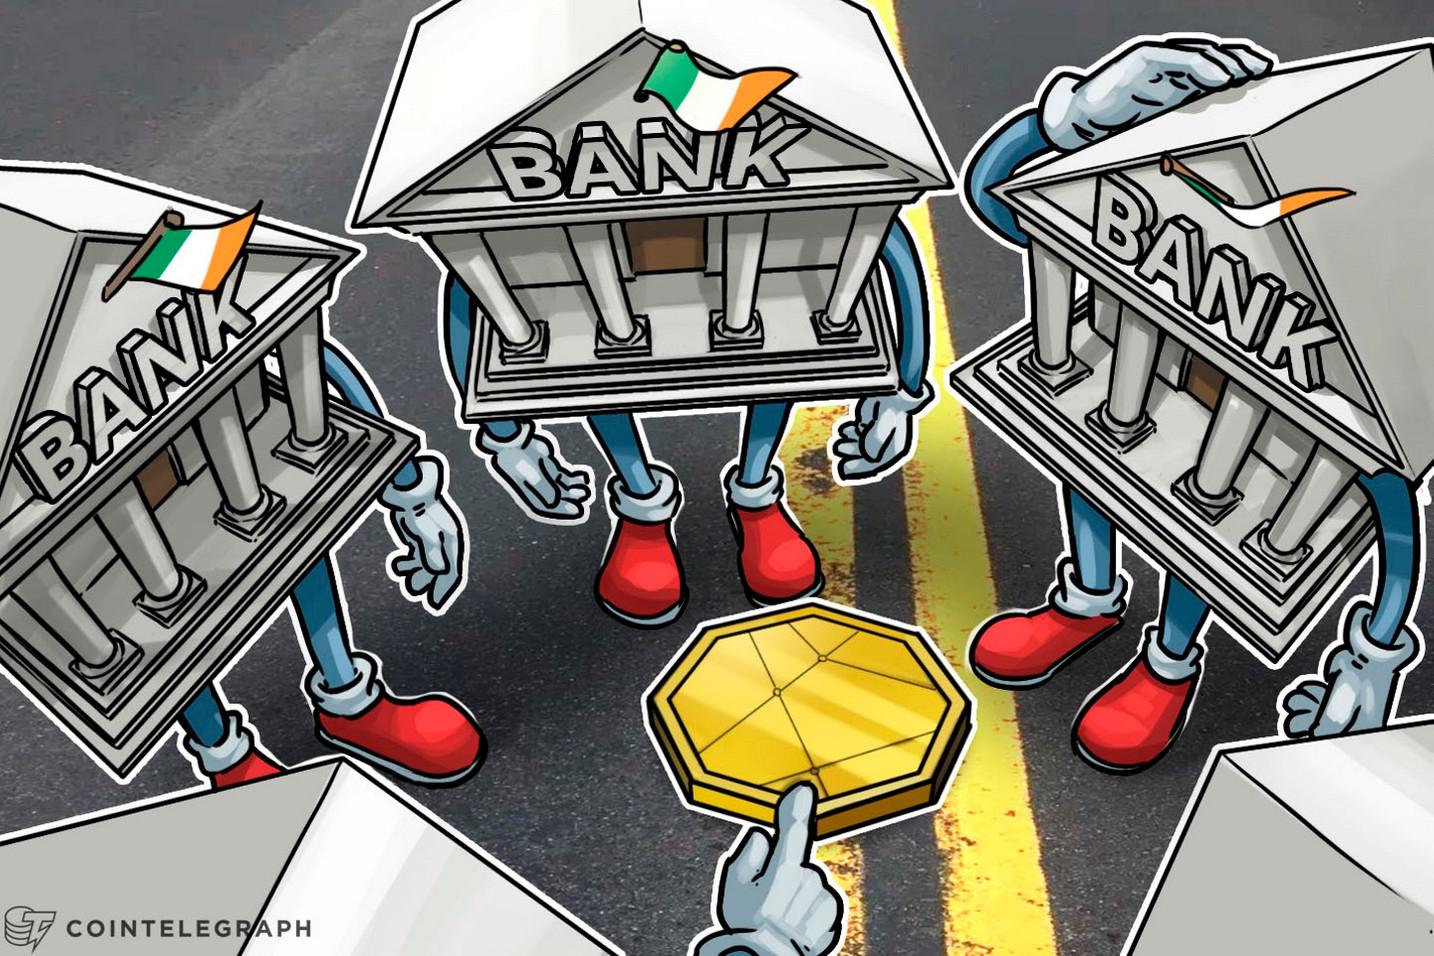 El agente de bolsa irlandés de Bitcoin afirma que los bancos del país están cerrando cuentas relacionadas con Cripto